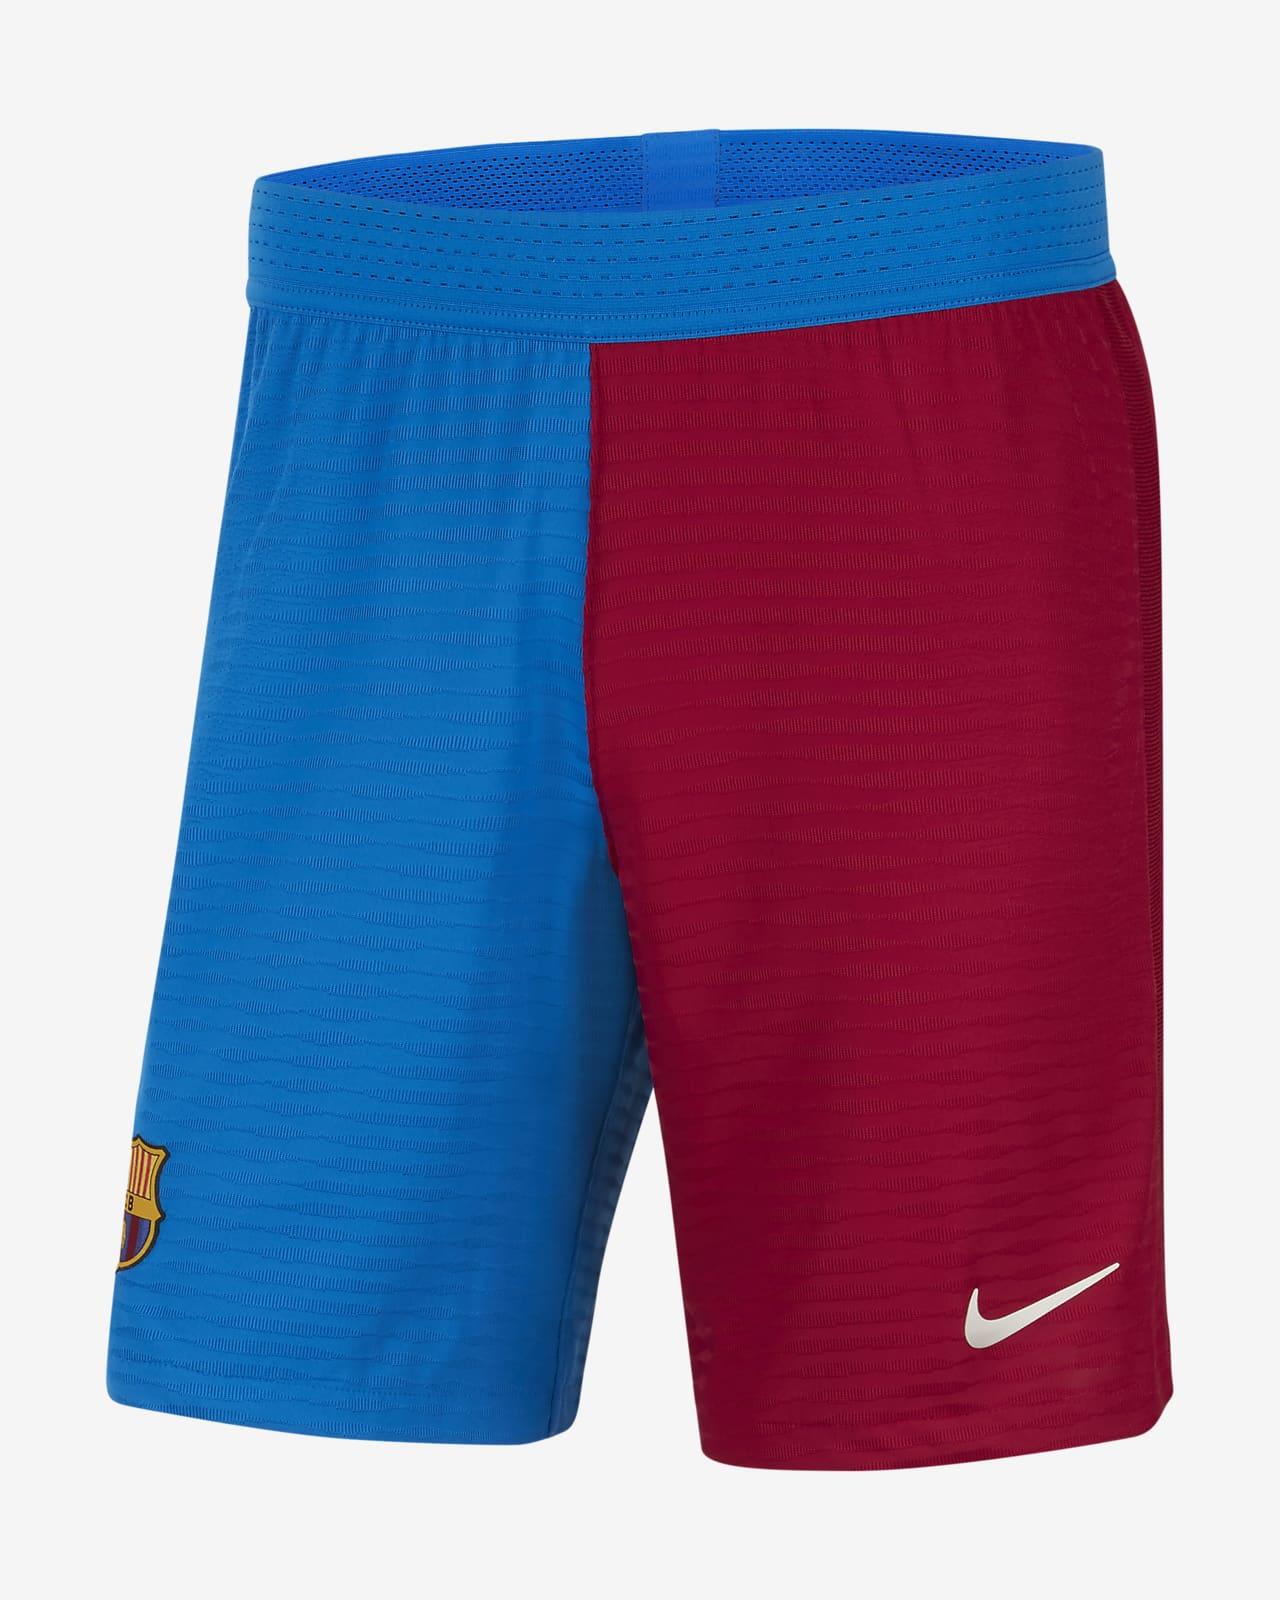 Calções de futebol do equipamento principal/alternativo Nike Dri-FIT ADV FC Barcelona 2021/22 Match para homem